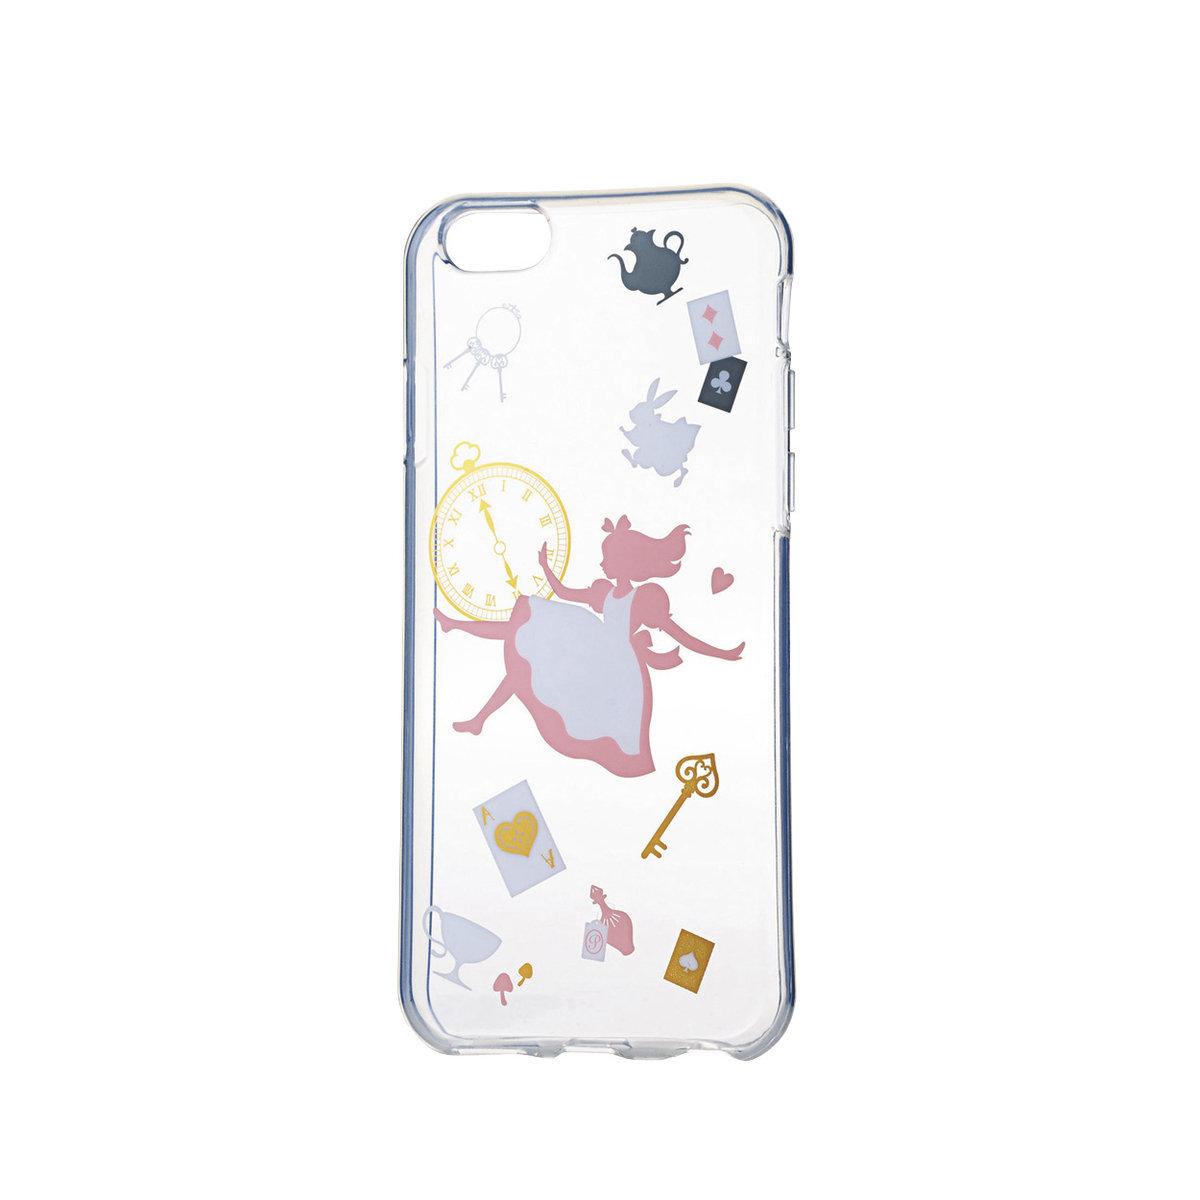 iPhone6/6S 少女風軟殼(彩色愛麗斯)